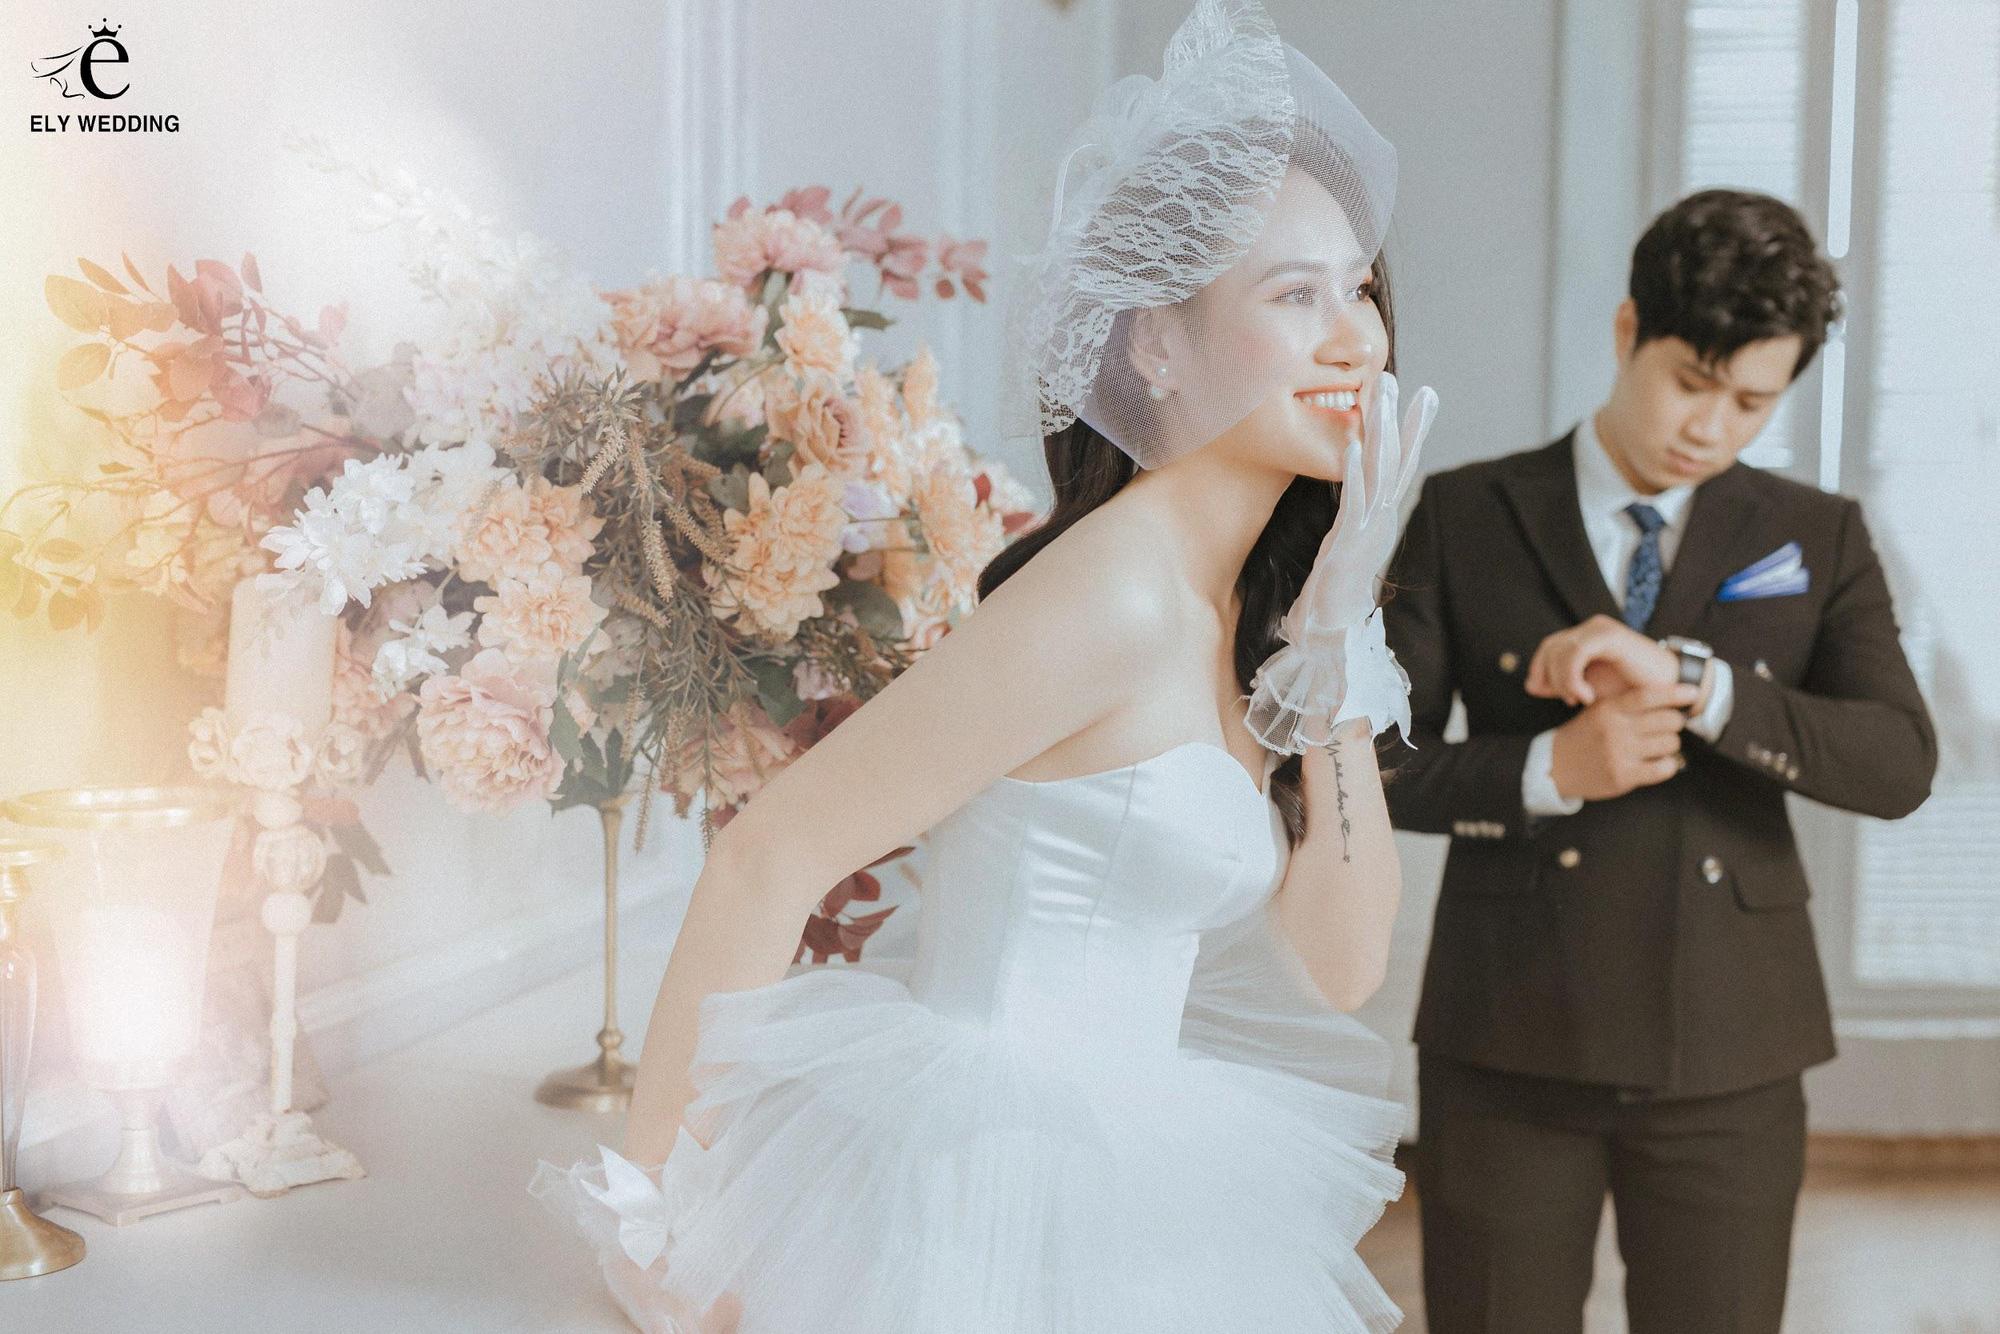 Bộ ảnh cưới siêu hot của Kiếm thủ Lê Minh Hằng - Em gái quốc dân làng thể thao Việt Nam - Ảnh 5.